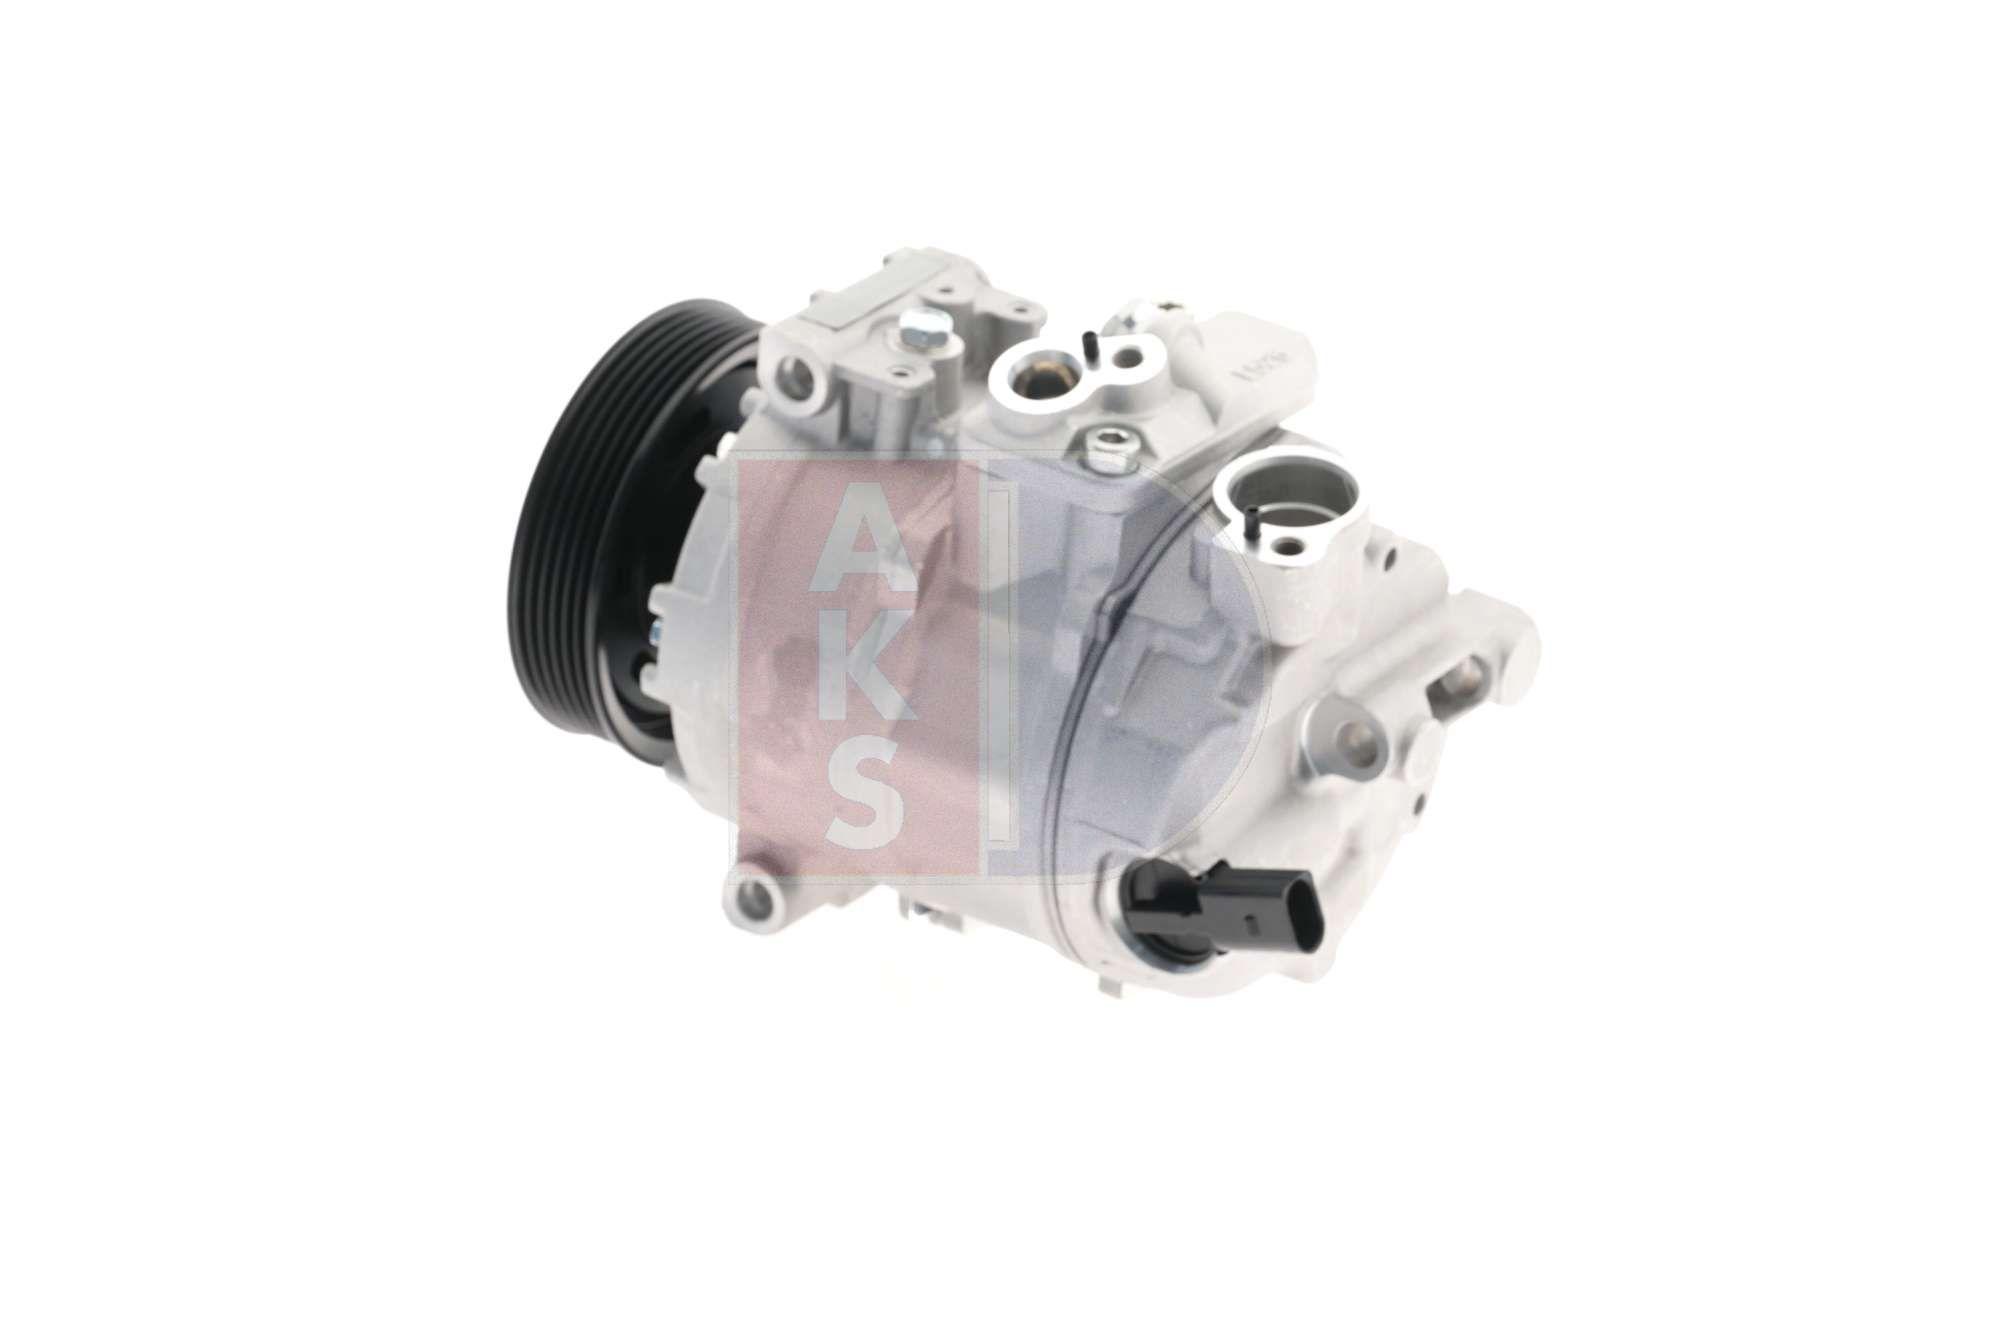 850682N Kompressor, Klimaanlage AKS DASIS 850682N - Große Auswahl - stark reduziert